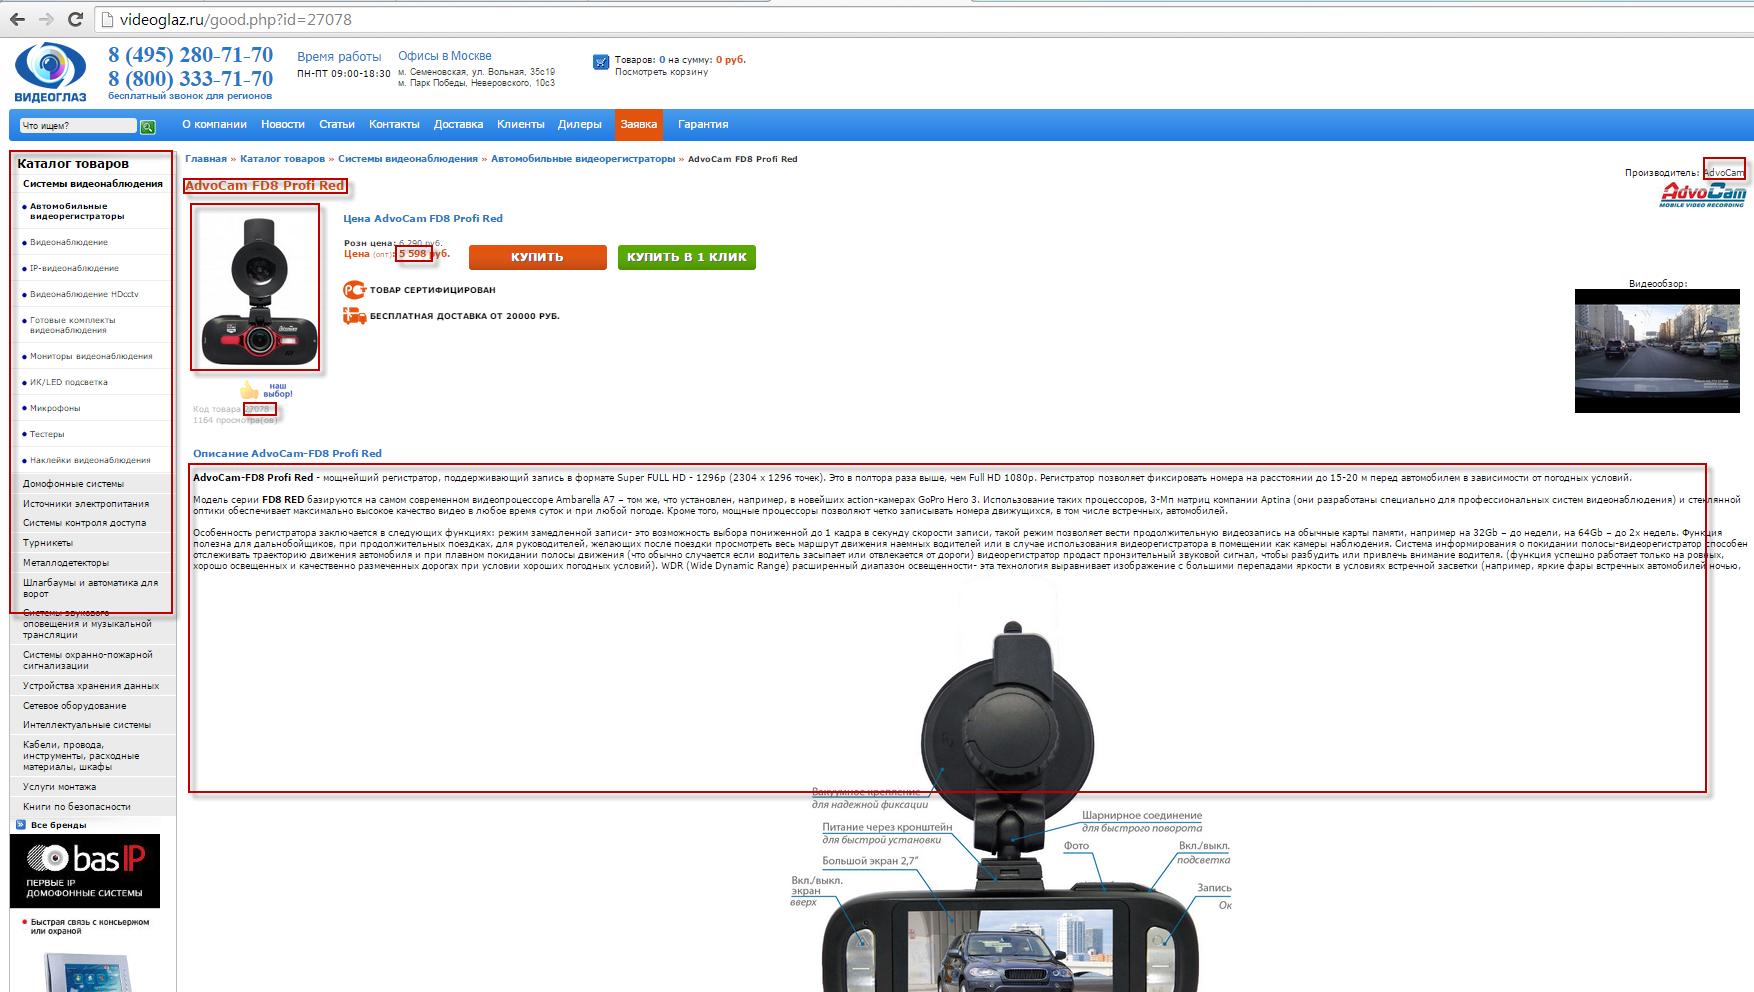 Наполнение сайта товаром videoglaz.ru